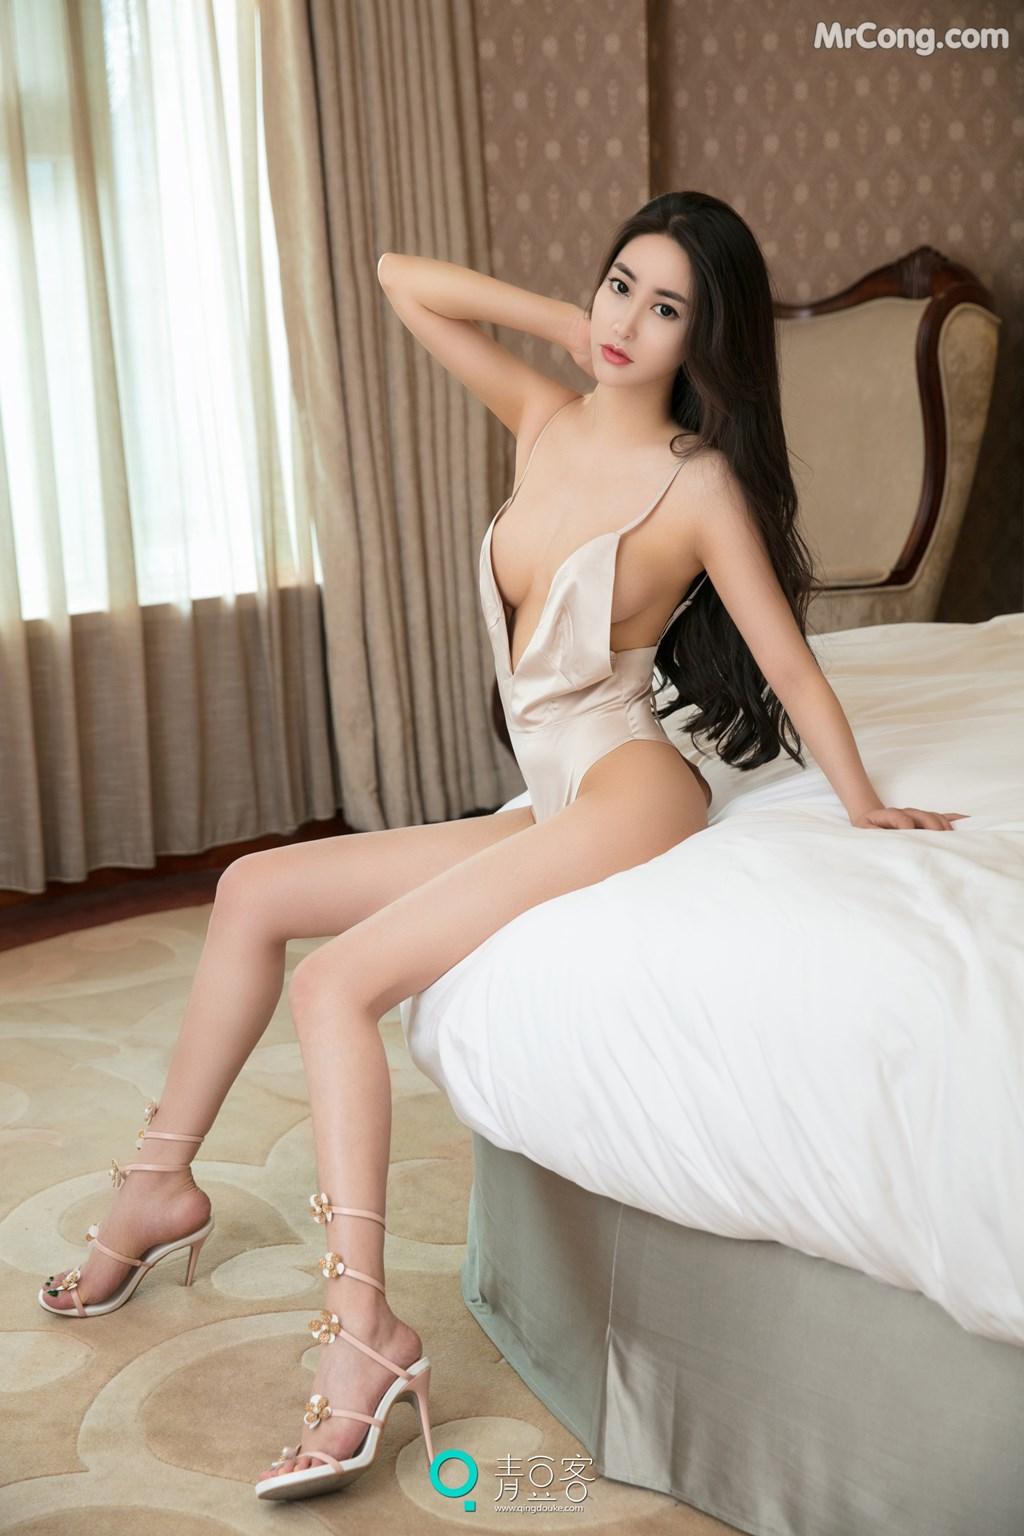 Image QingDouKe-2017-08-03-Mu-Fei-Fei-MrCong.com-028 in post QingDouKe 2017-08-03: Người mẫu Mu Fei Fei (穆菲菲) (53 ảnh)